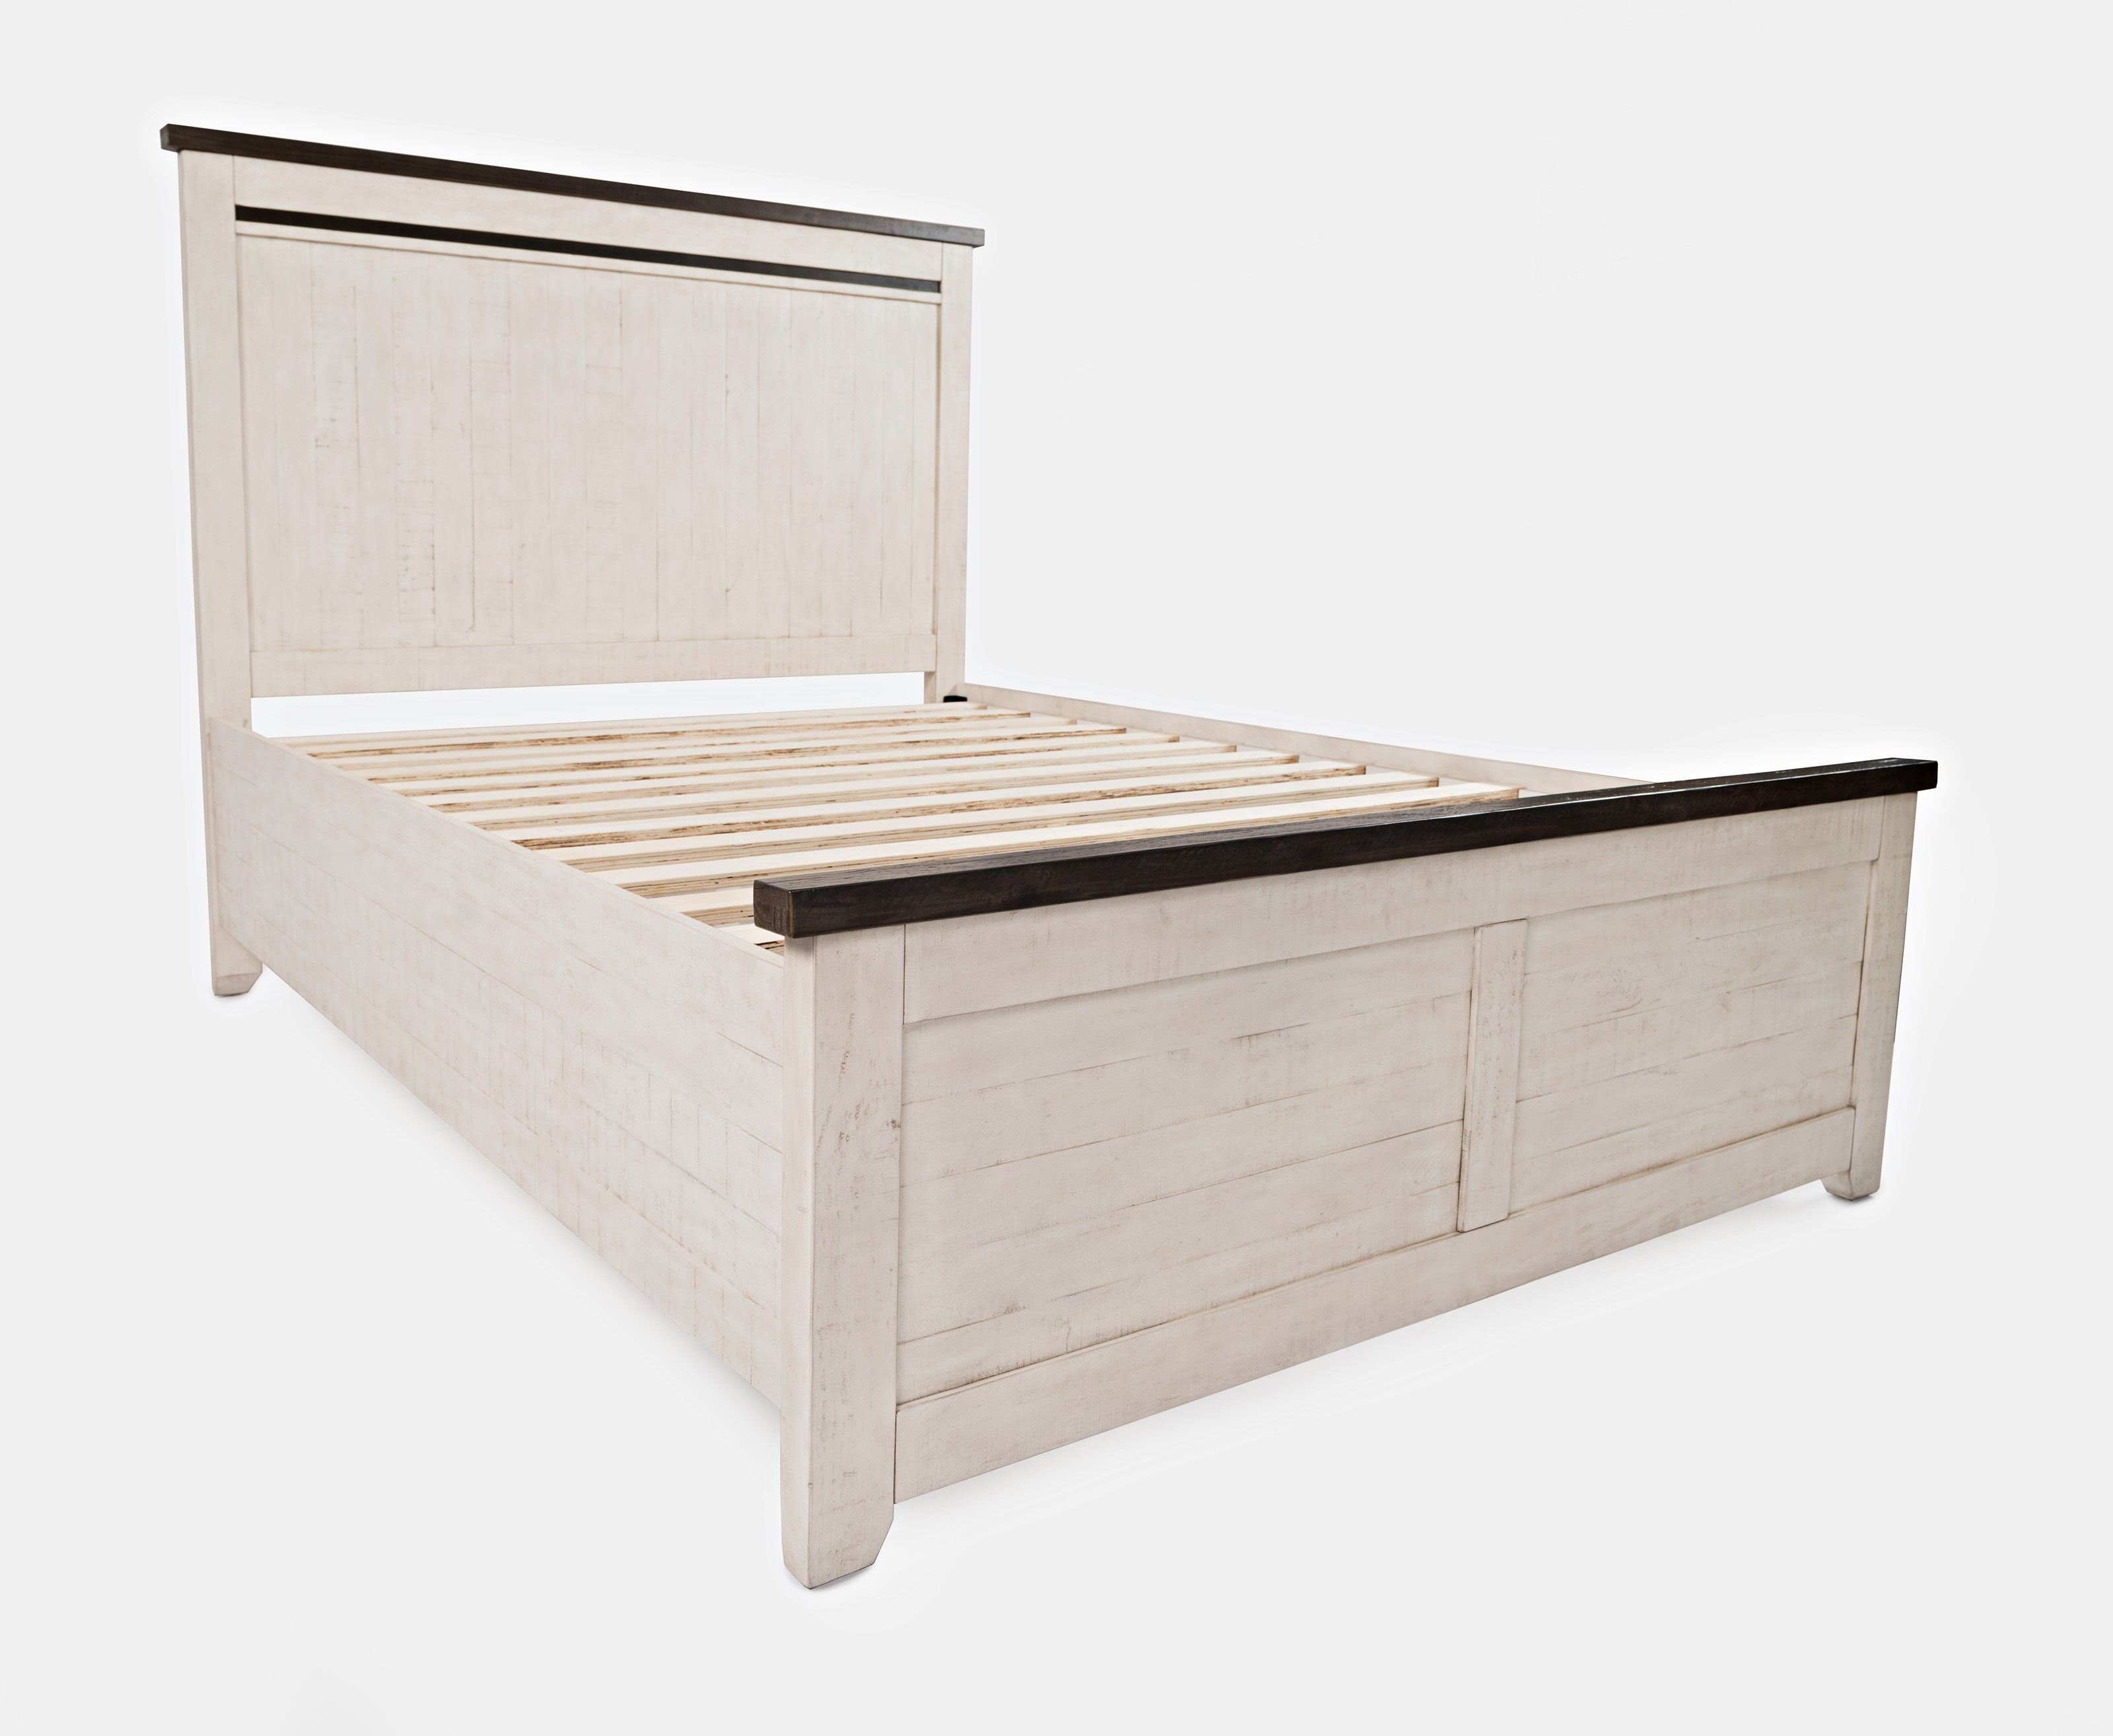 Madison County King Panel Bed by Jofran at Jofran